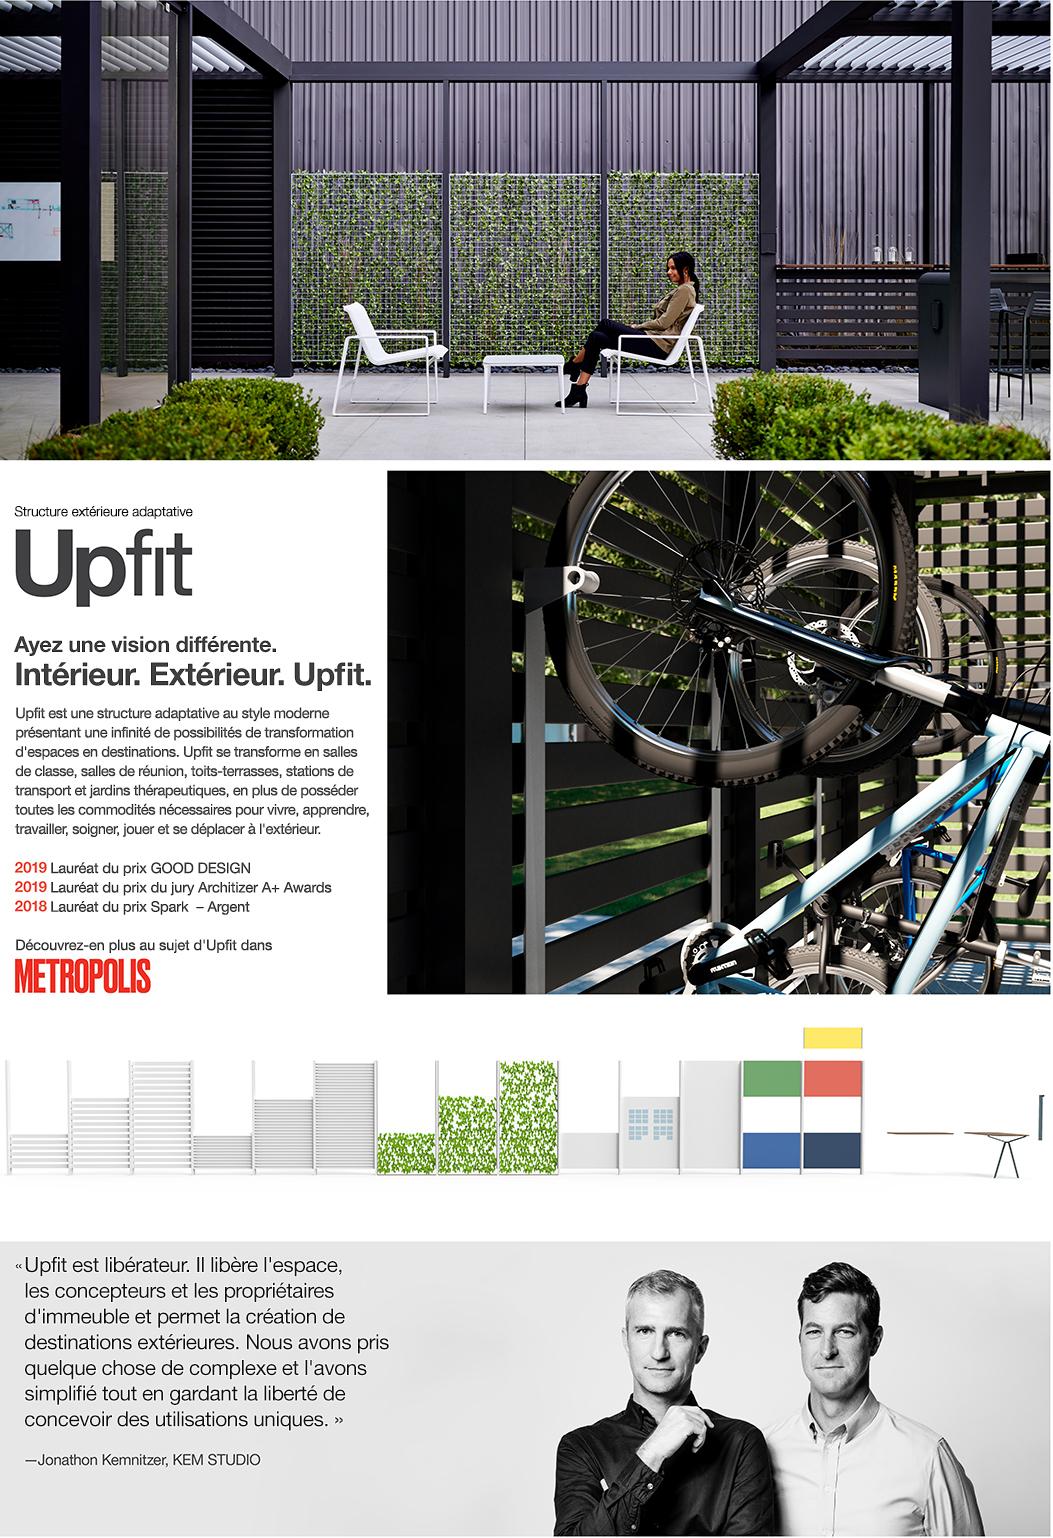 Upfit – structure extérieure adaptative